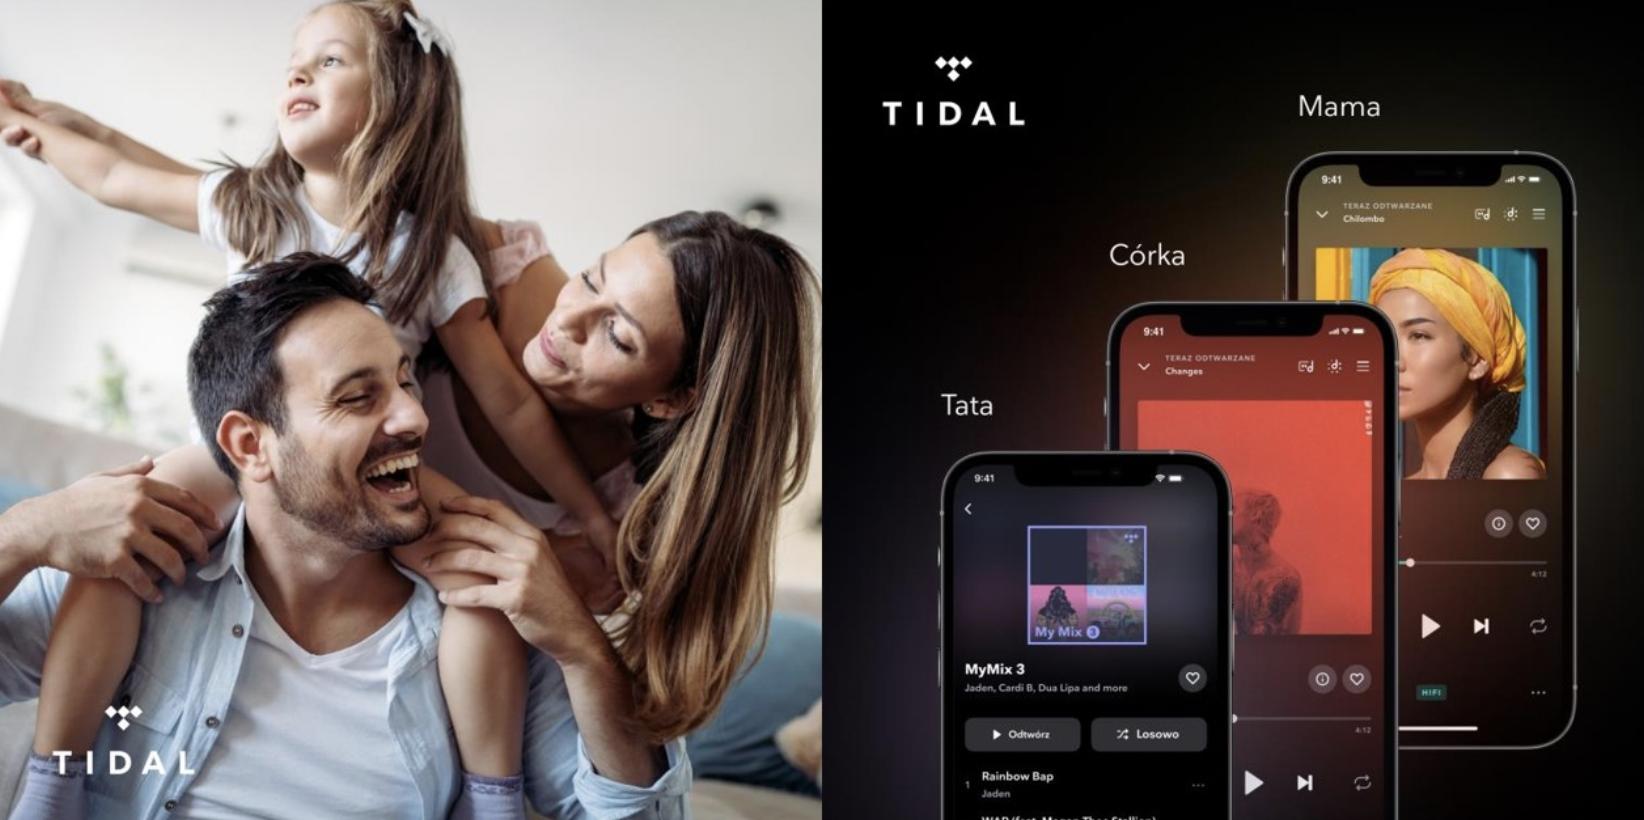 Plus jako pierwszy operator w Polsce daje możliwość zakupu usługi TIDAL HiFi